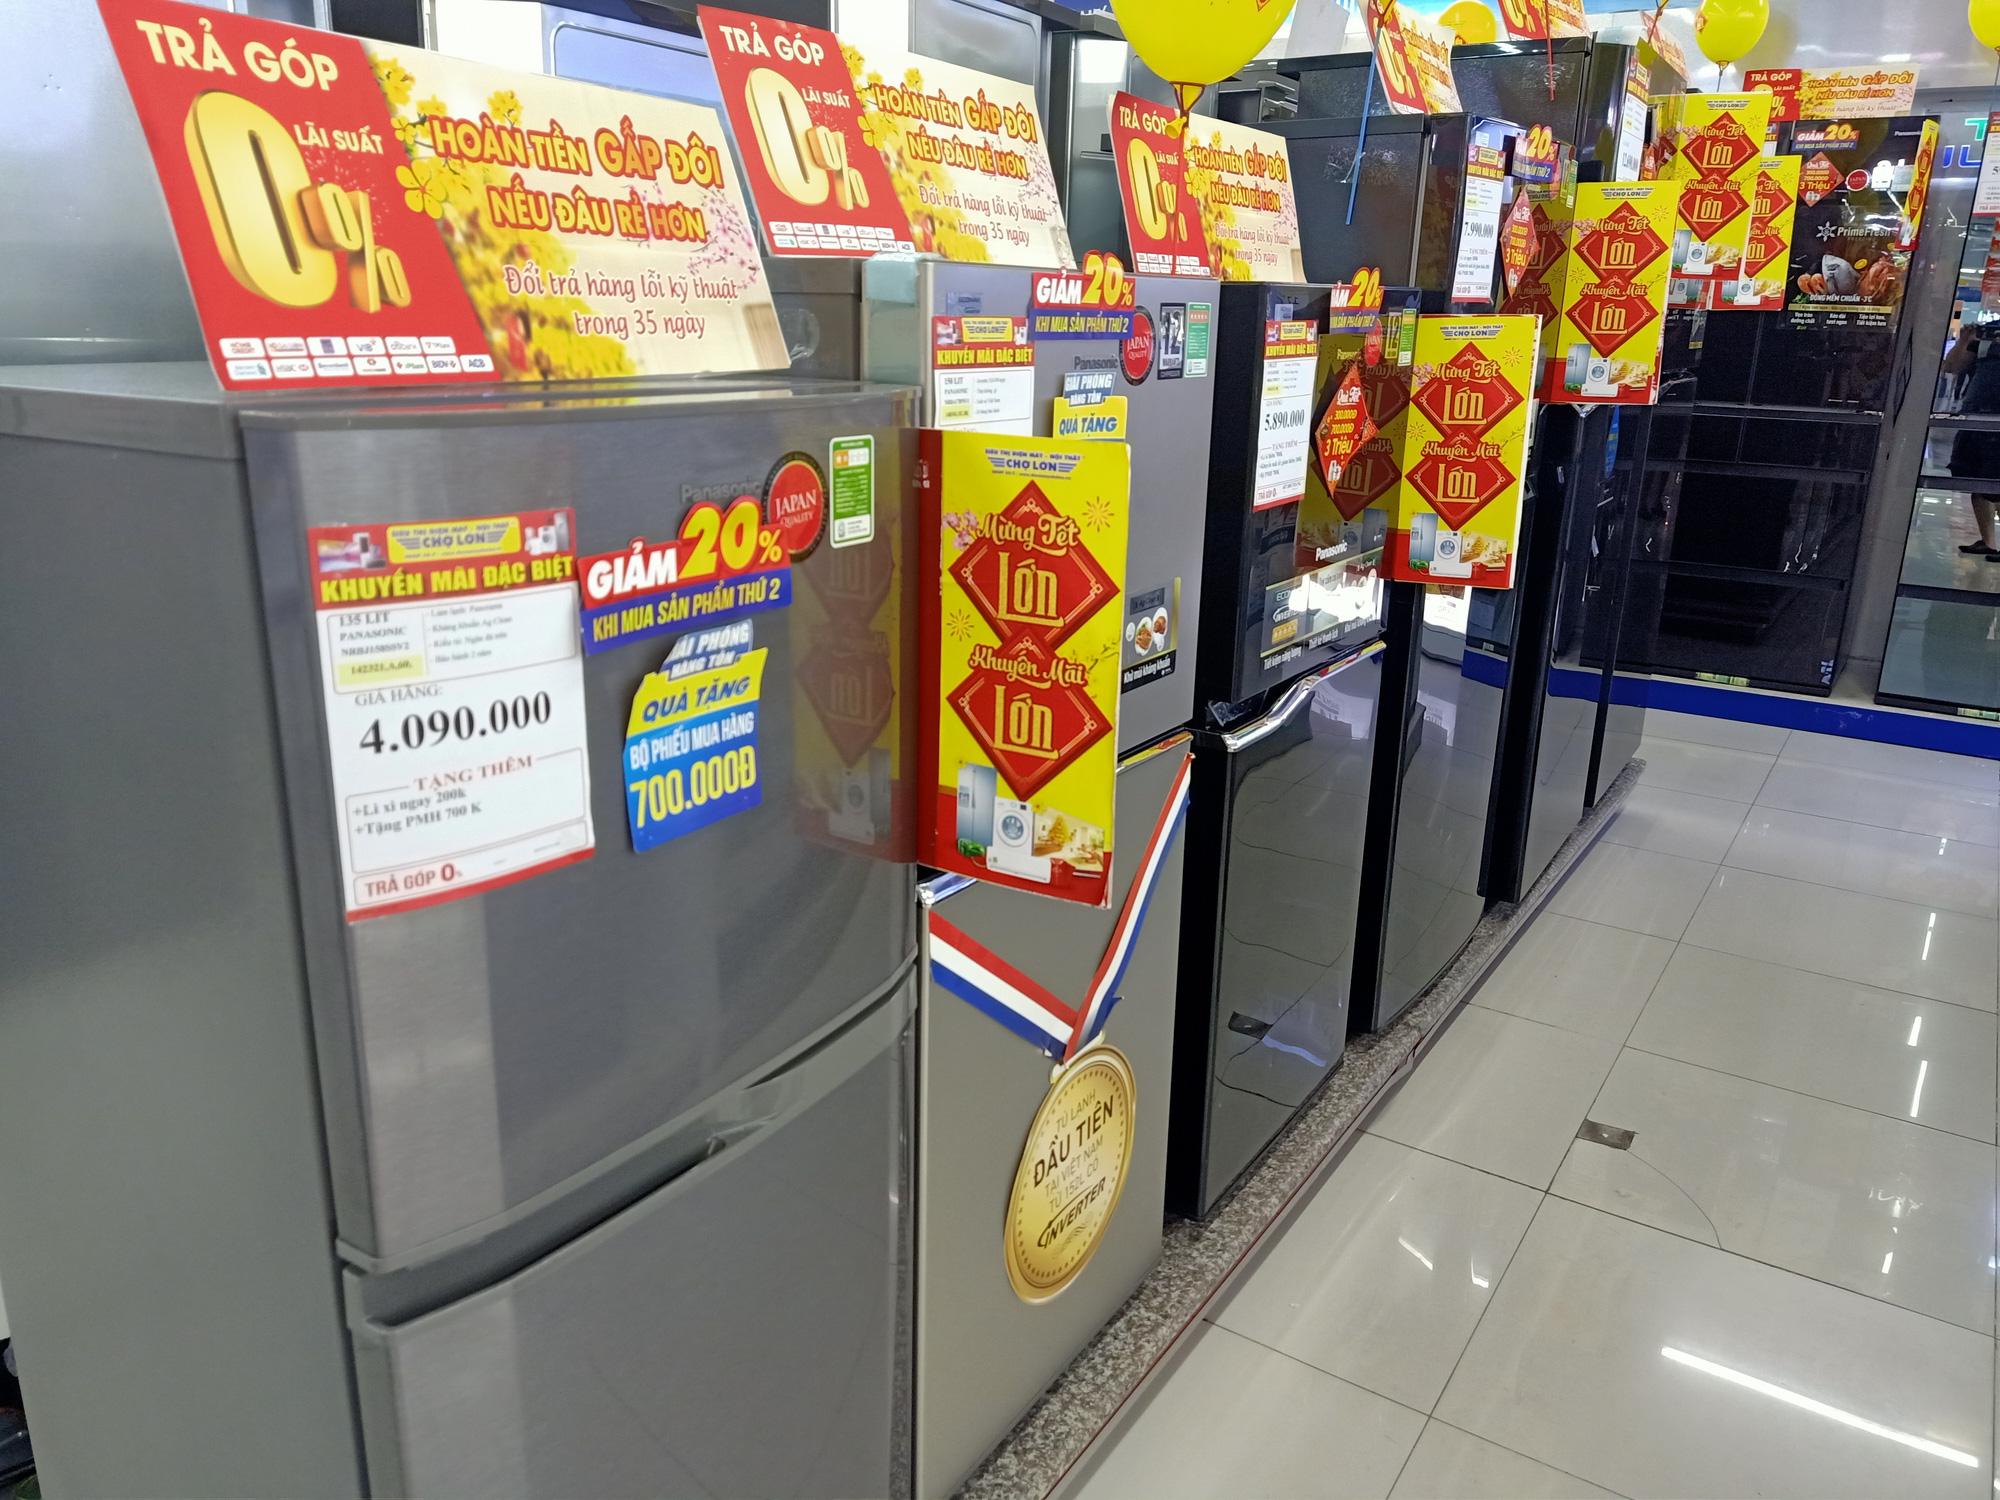 Điện lạnh giảm giá: Tủ lạnh có nhiều chương trình khuyến mãi khi nhu cầu dự trữ thức ăn tăng lên - Ảnh 2.